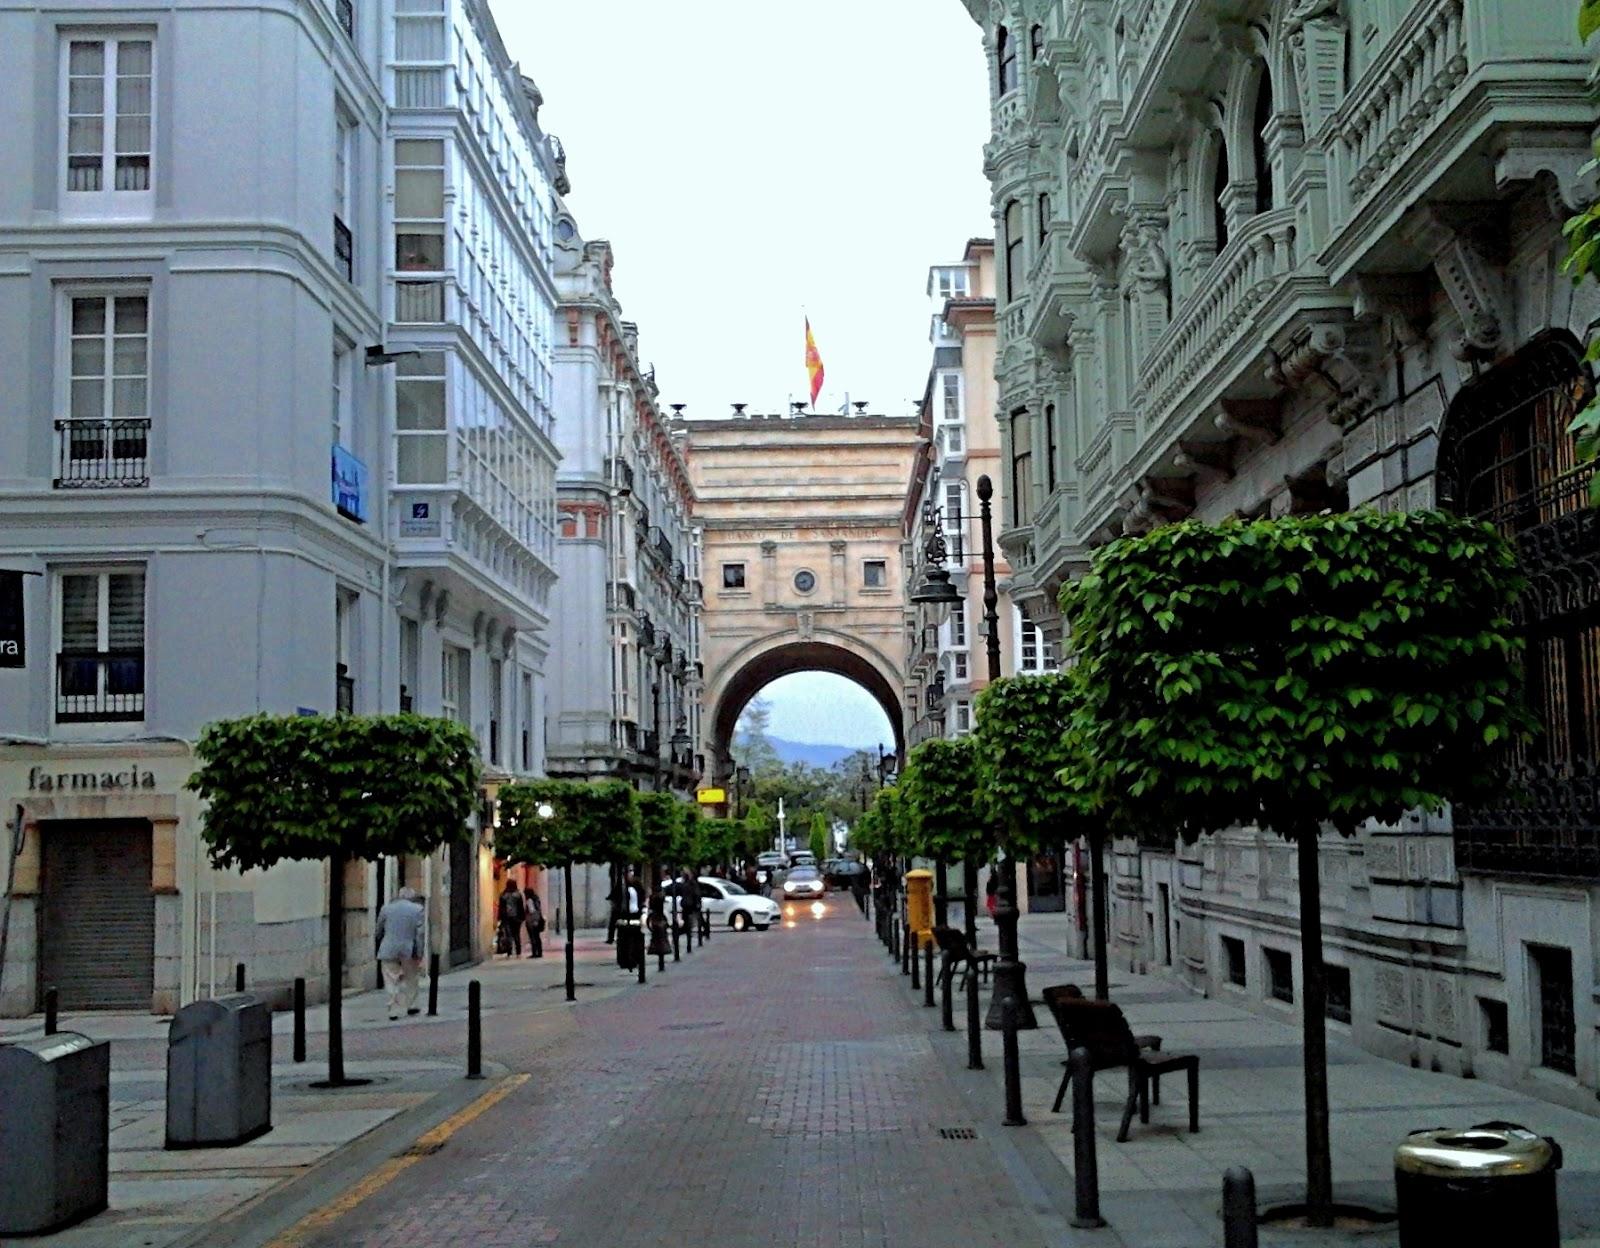 La ciudad habla 2012 07 2012 08 - Casas de banco santander ...